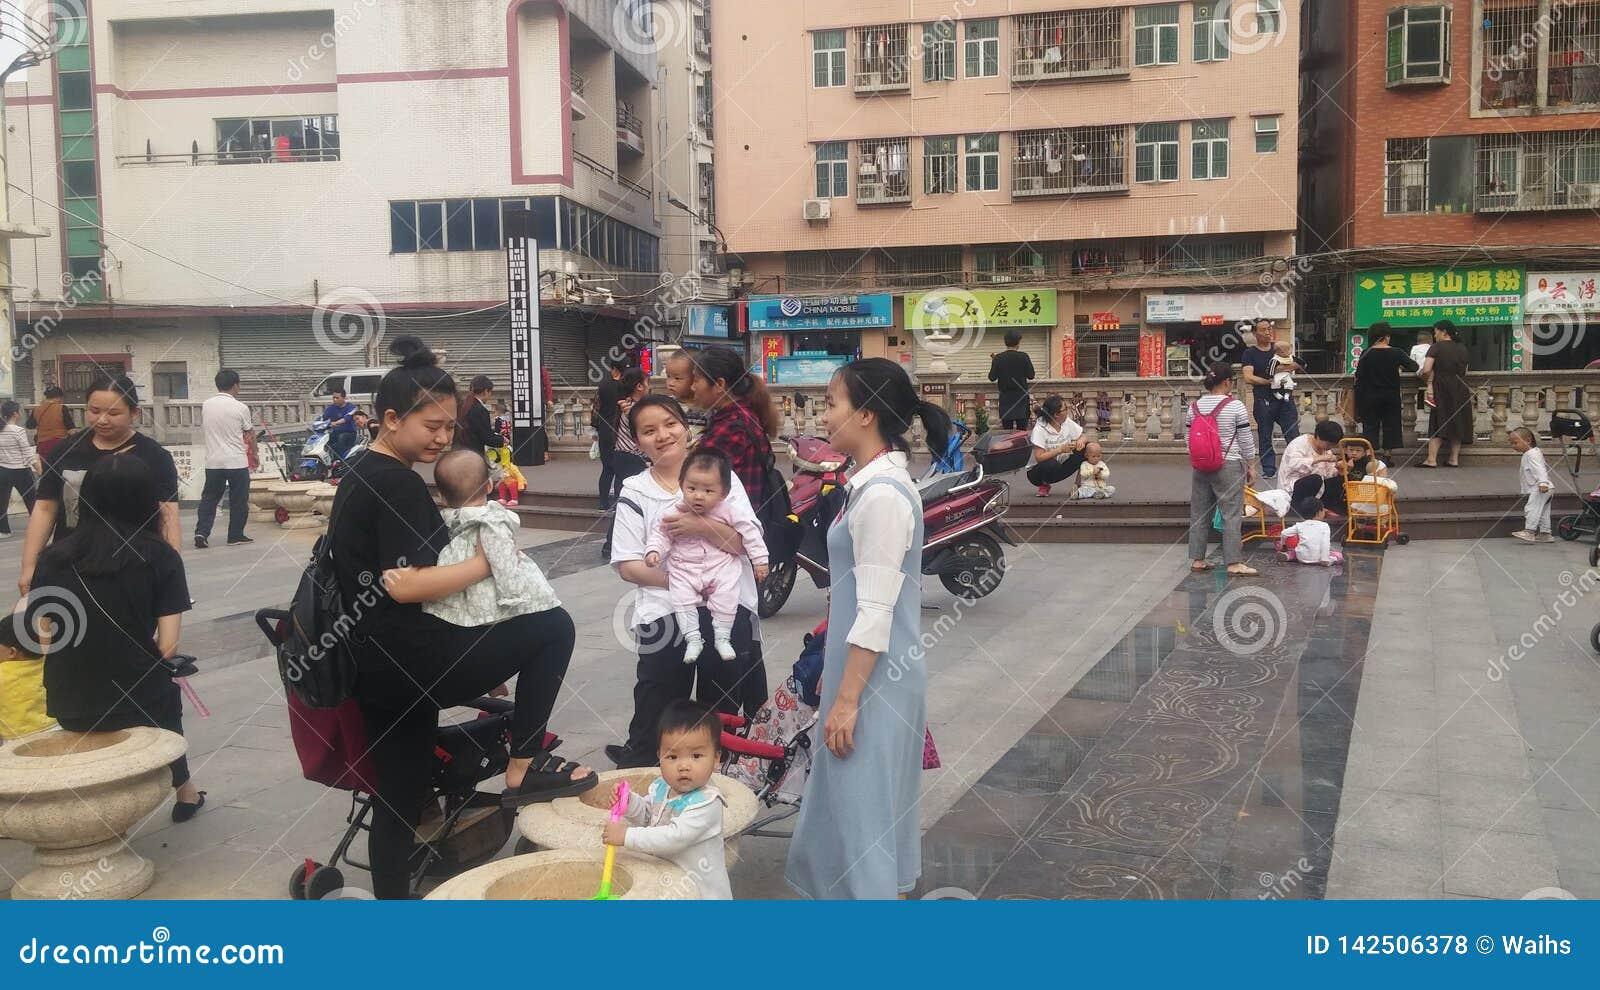 Shenzhen, China: Jong moeders of grootmoedersspel in openlucht met hun kinderen